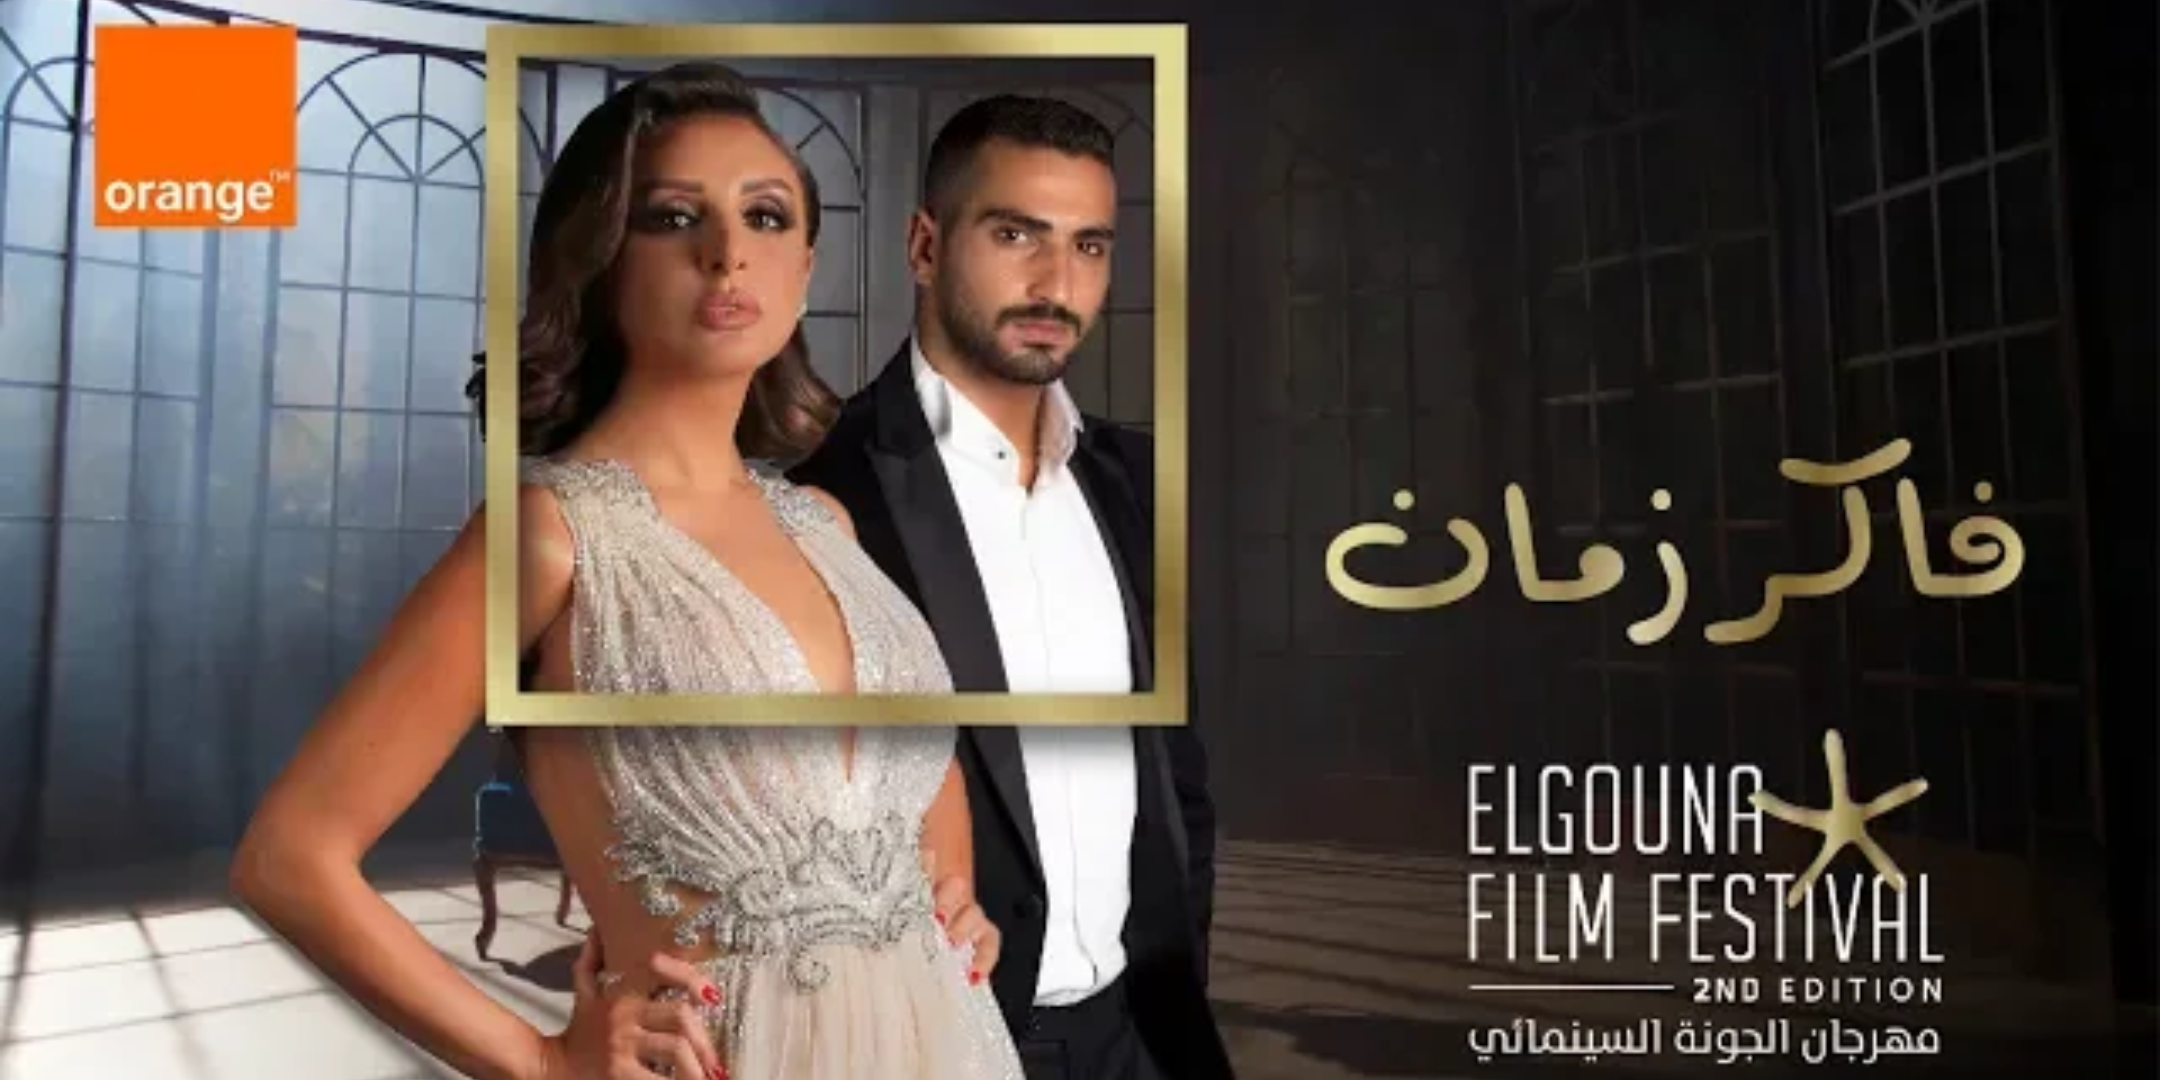 اورنج مصر ترعي مهرجان الجونة السينمائي و تحيي ذكري نجوم الزمن الجميل